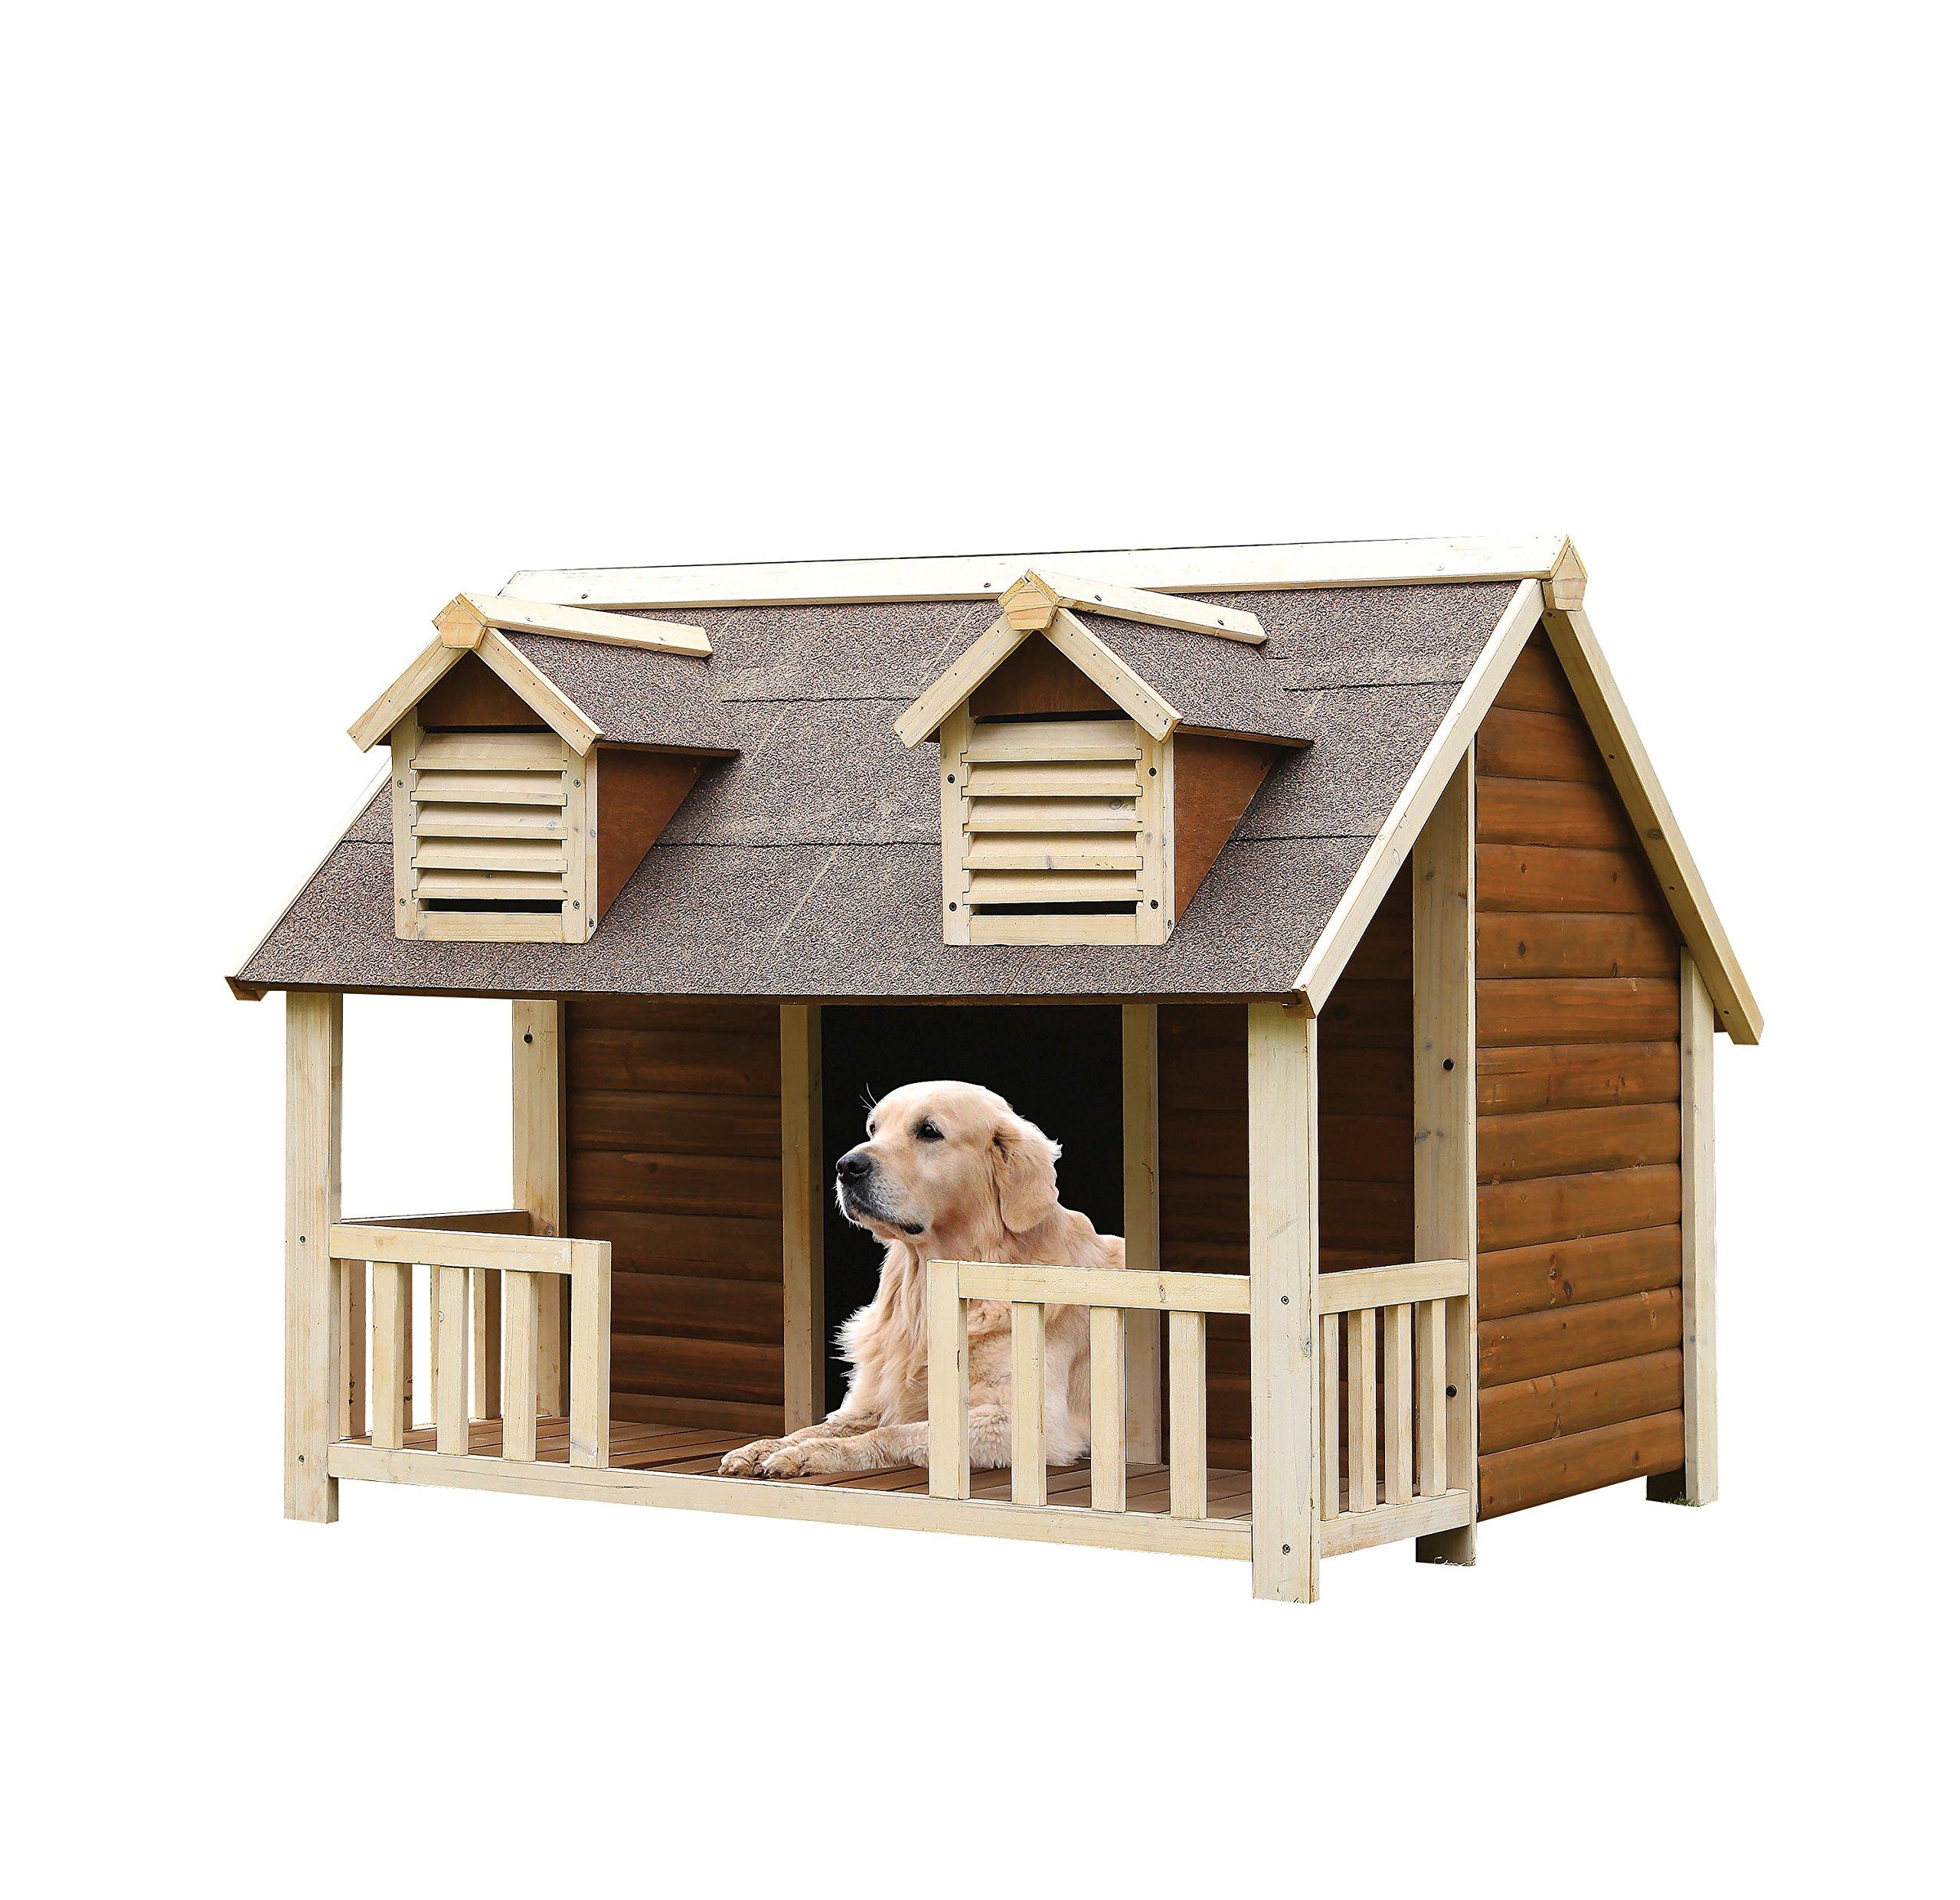 ACME 98210 Rufus Pet House, Cream/Oak